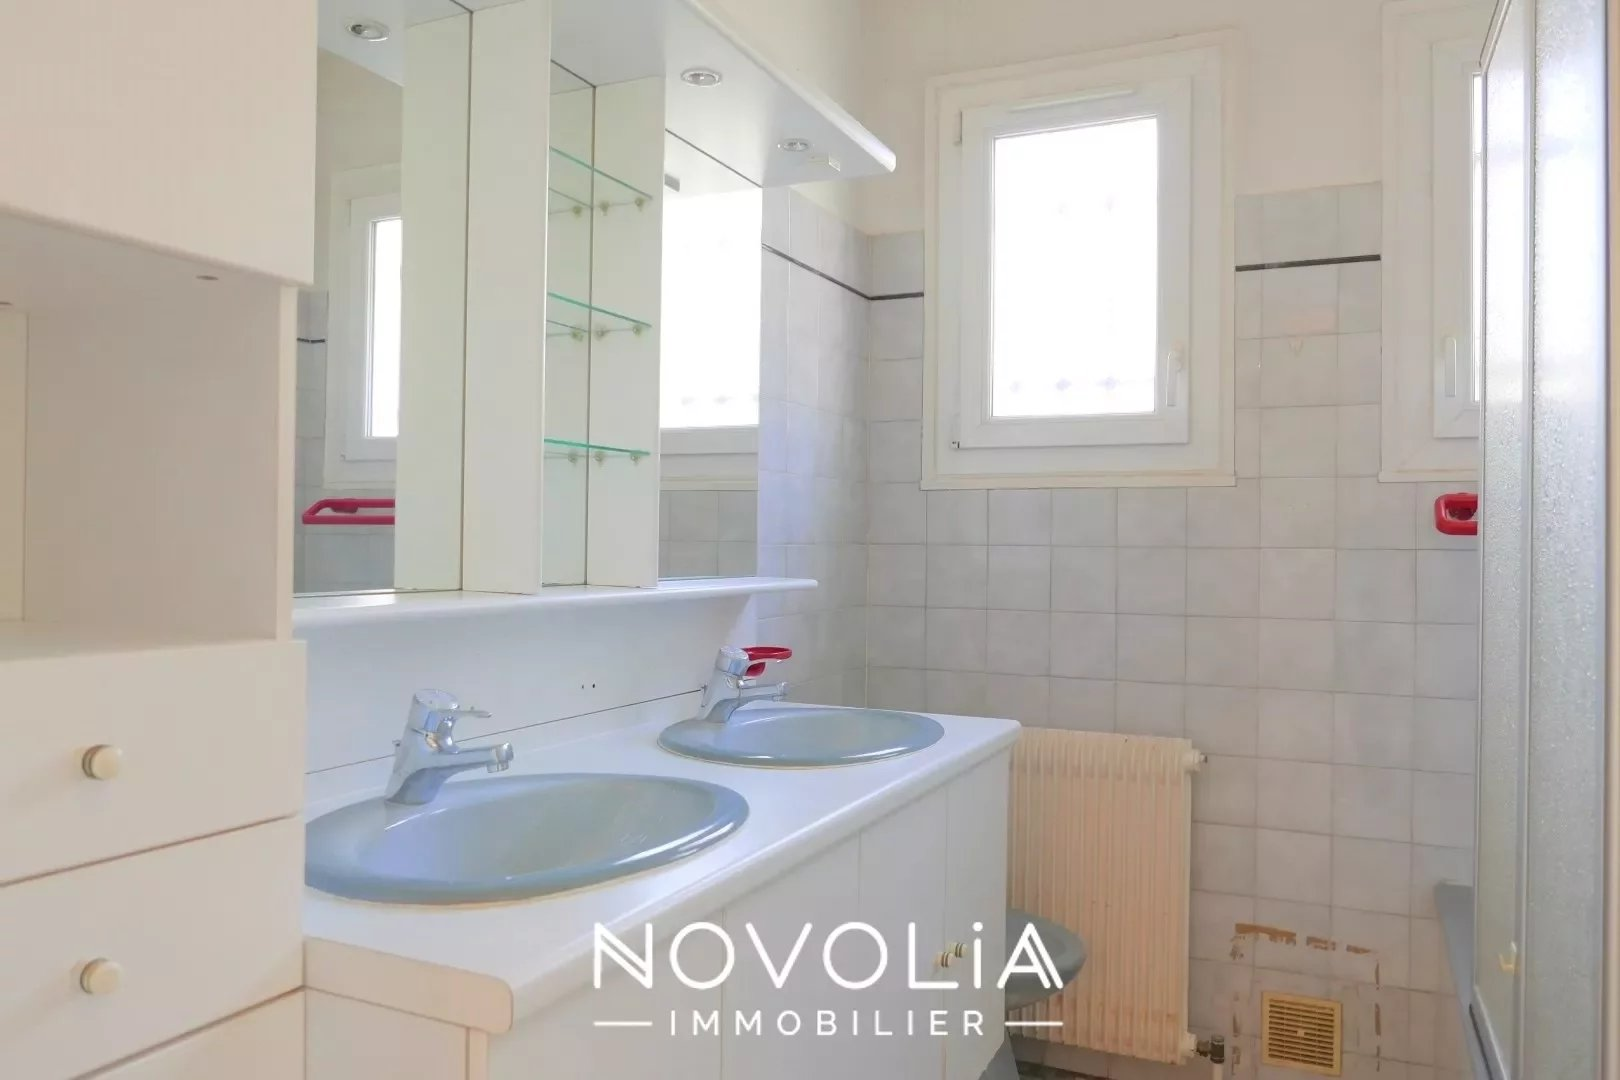 Achat Appartement, Surface de 90.49 m²/ Total carrez : 90.49 m², 3 pièces, Lyon 3ème (69003)